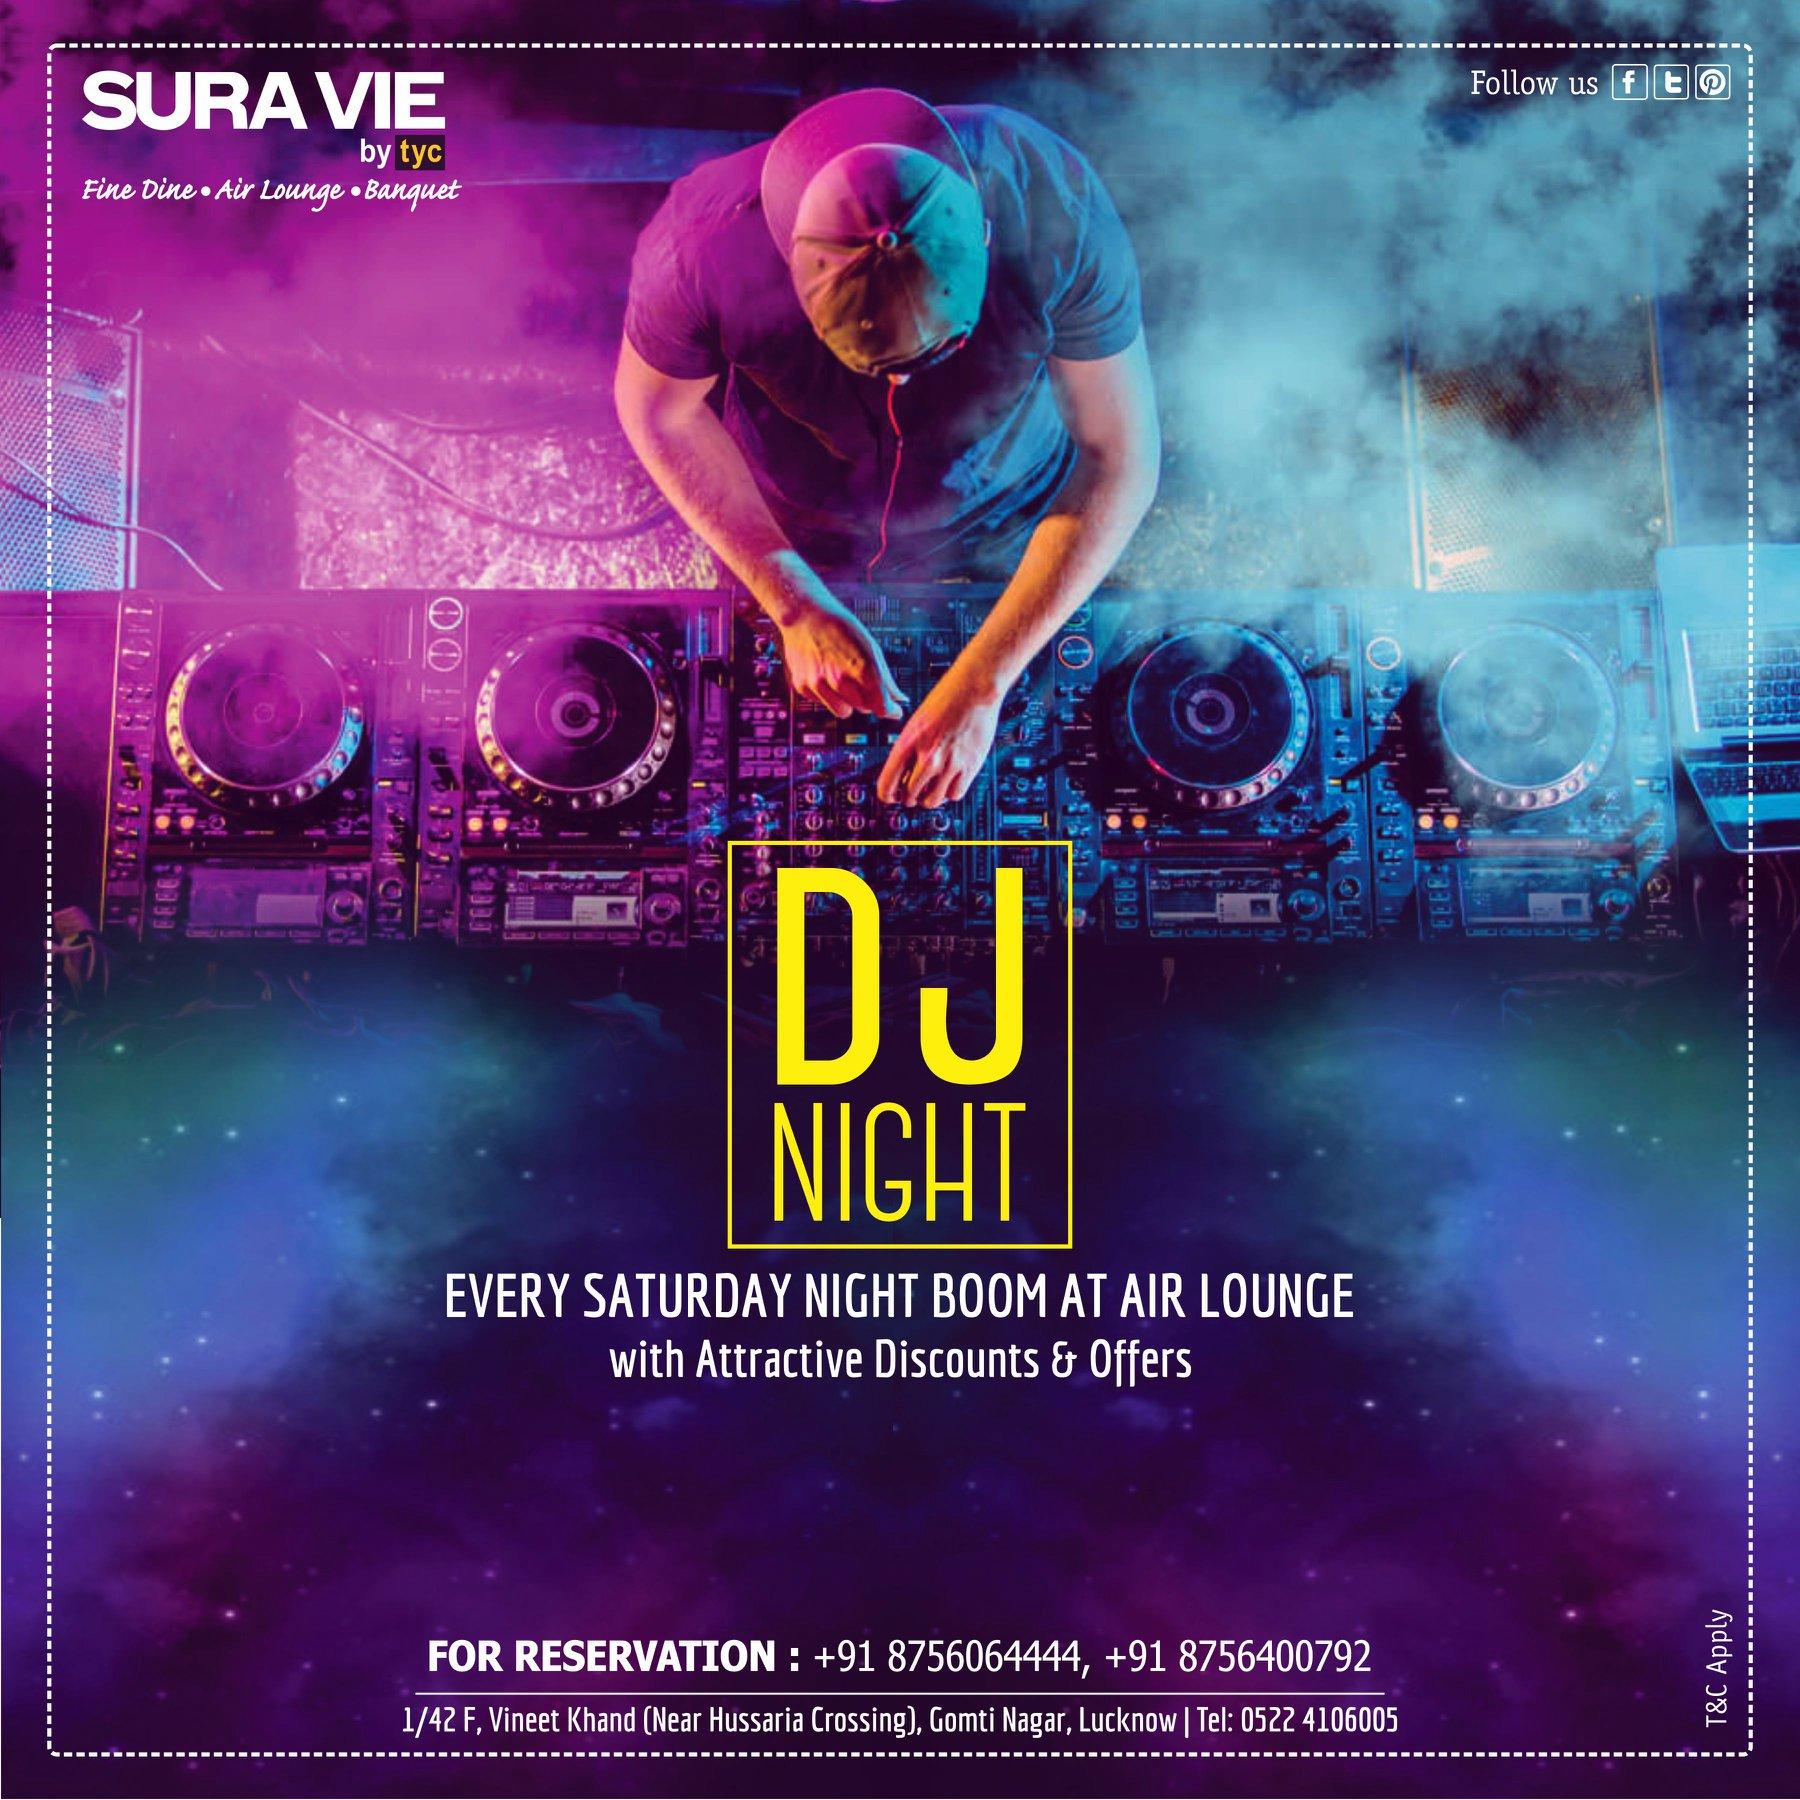 Sura Vie DJ NIGHT